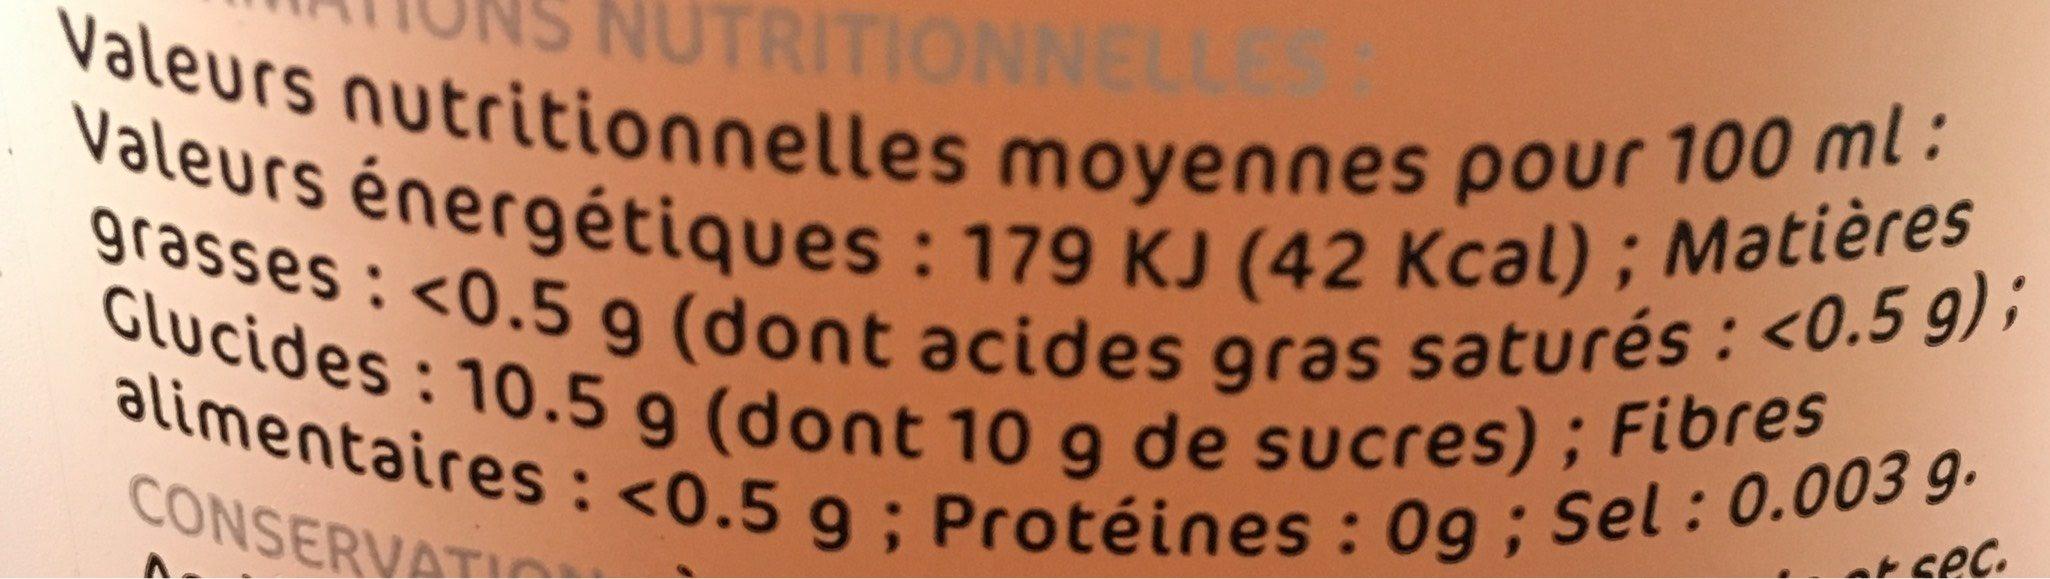 Cocktail sans alcool rosé pamplemousse - Nutrition facts